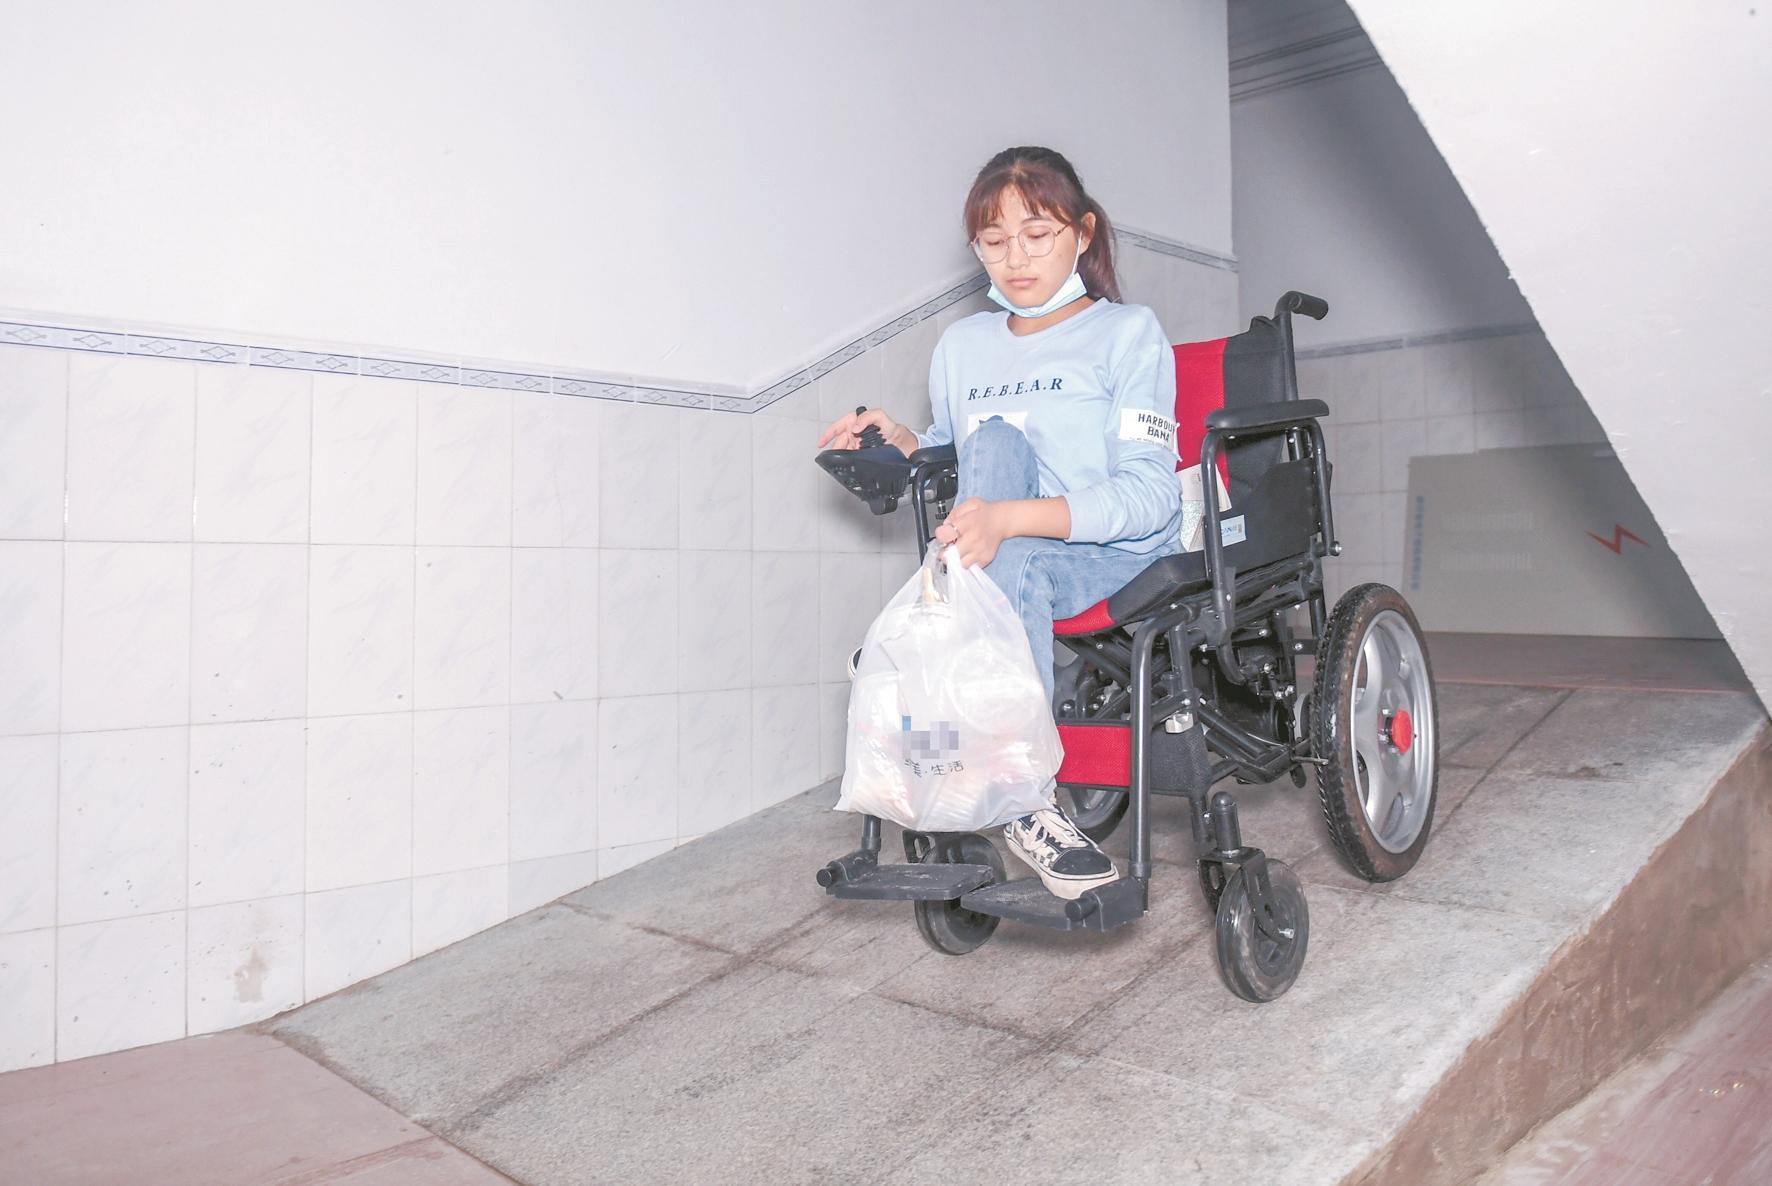 轮椅女孩贺晓雨